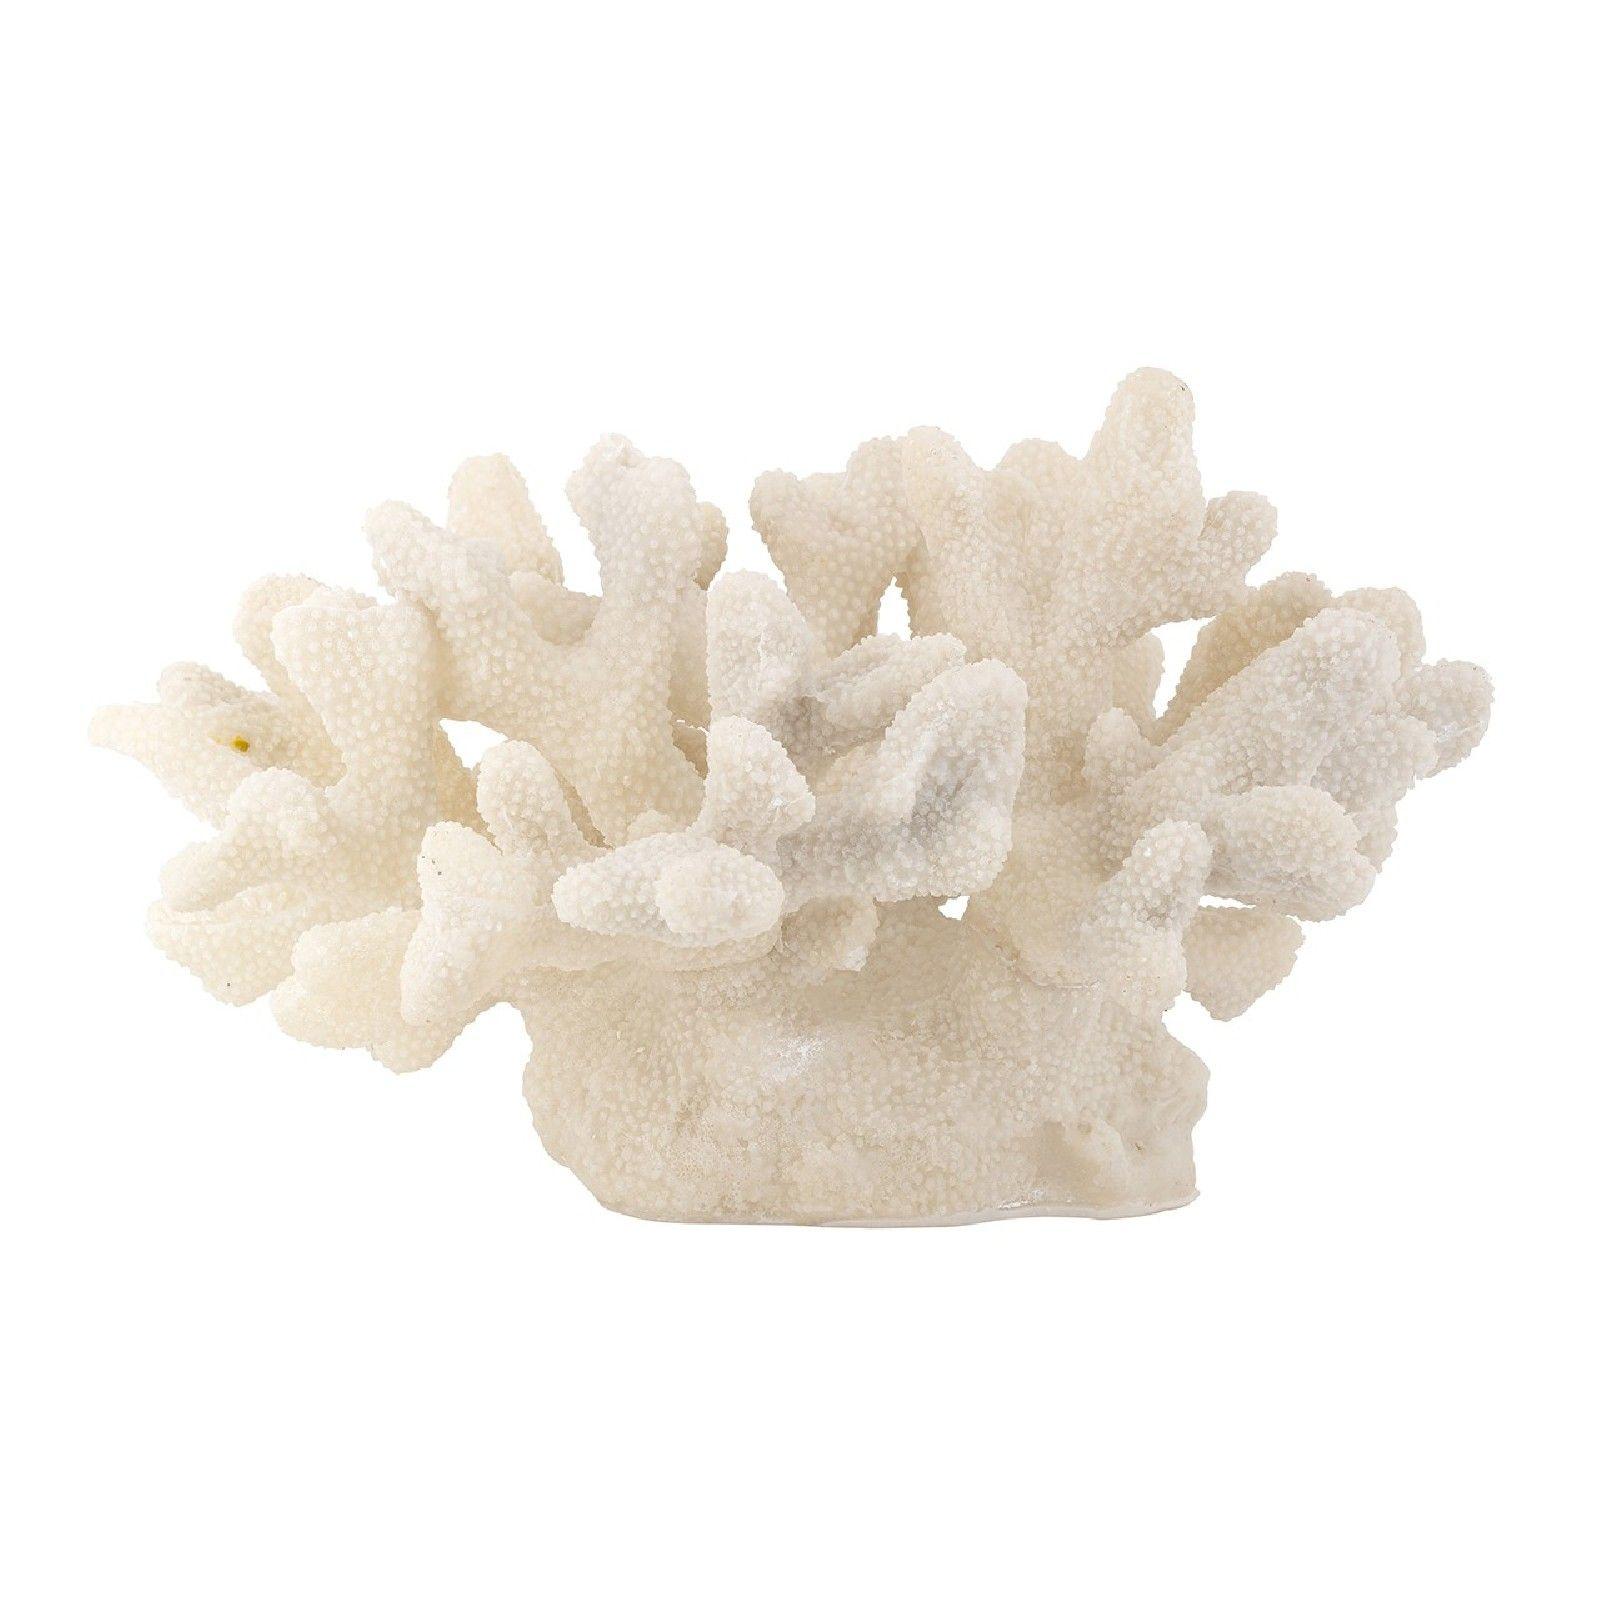 Faux corail Eabel grand Figures décoratives - 21